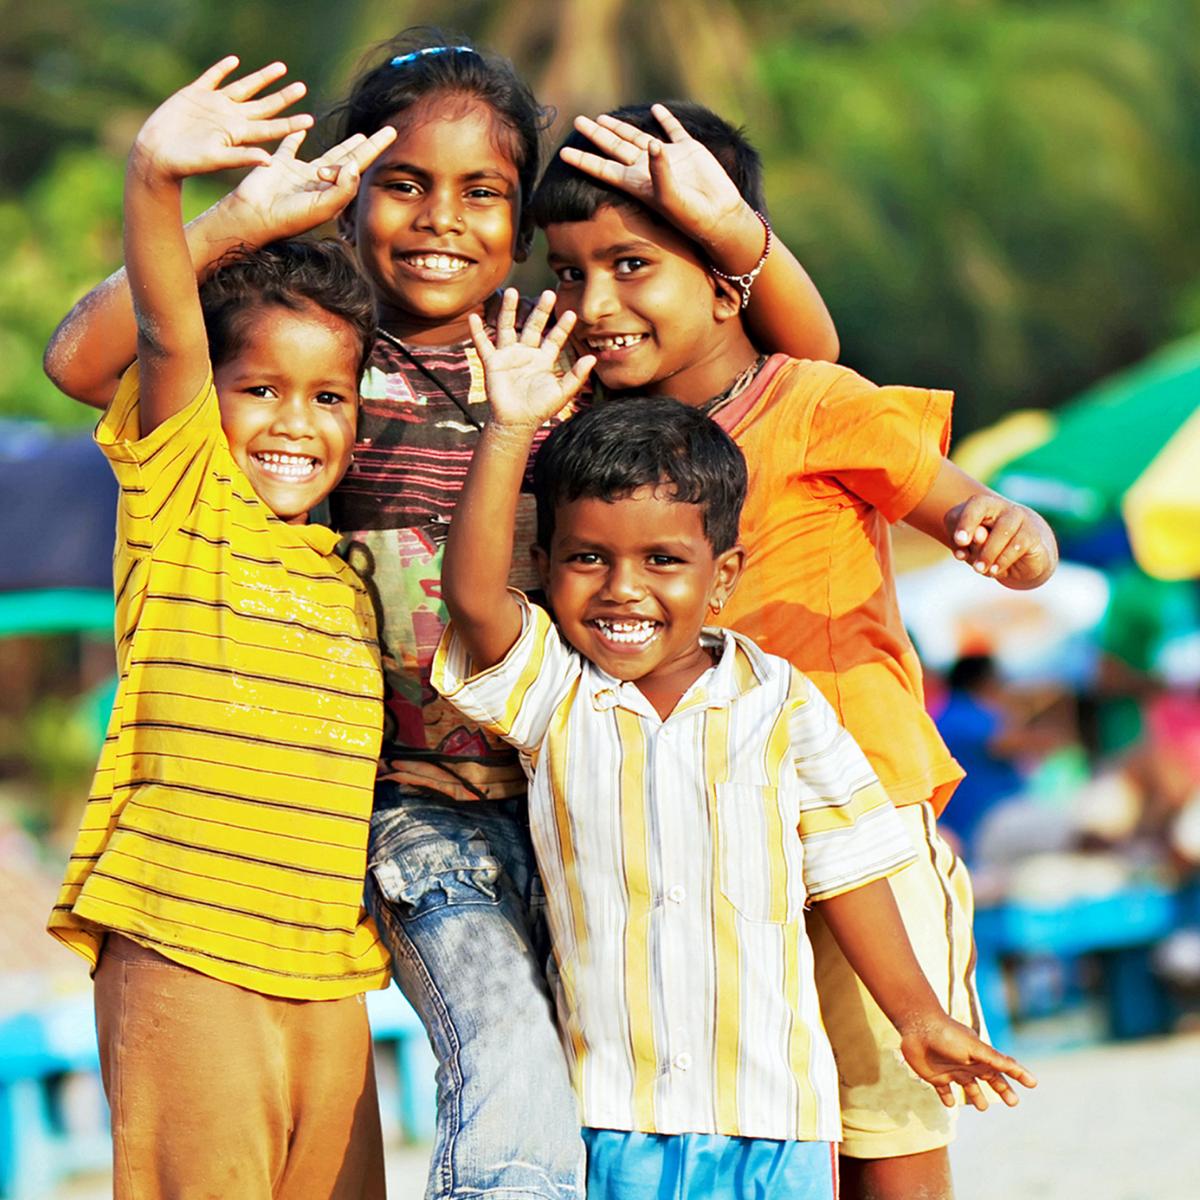 Des cours de bonheur dans les écoles indiennes